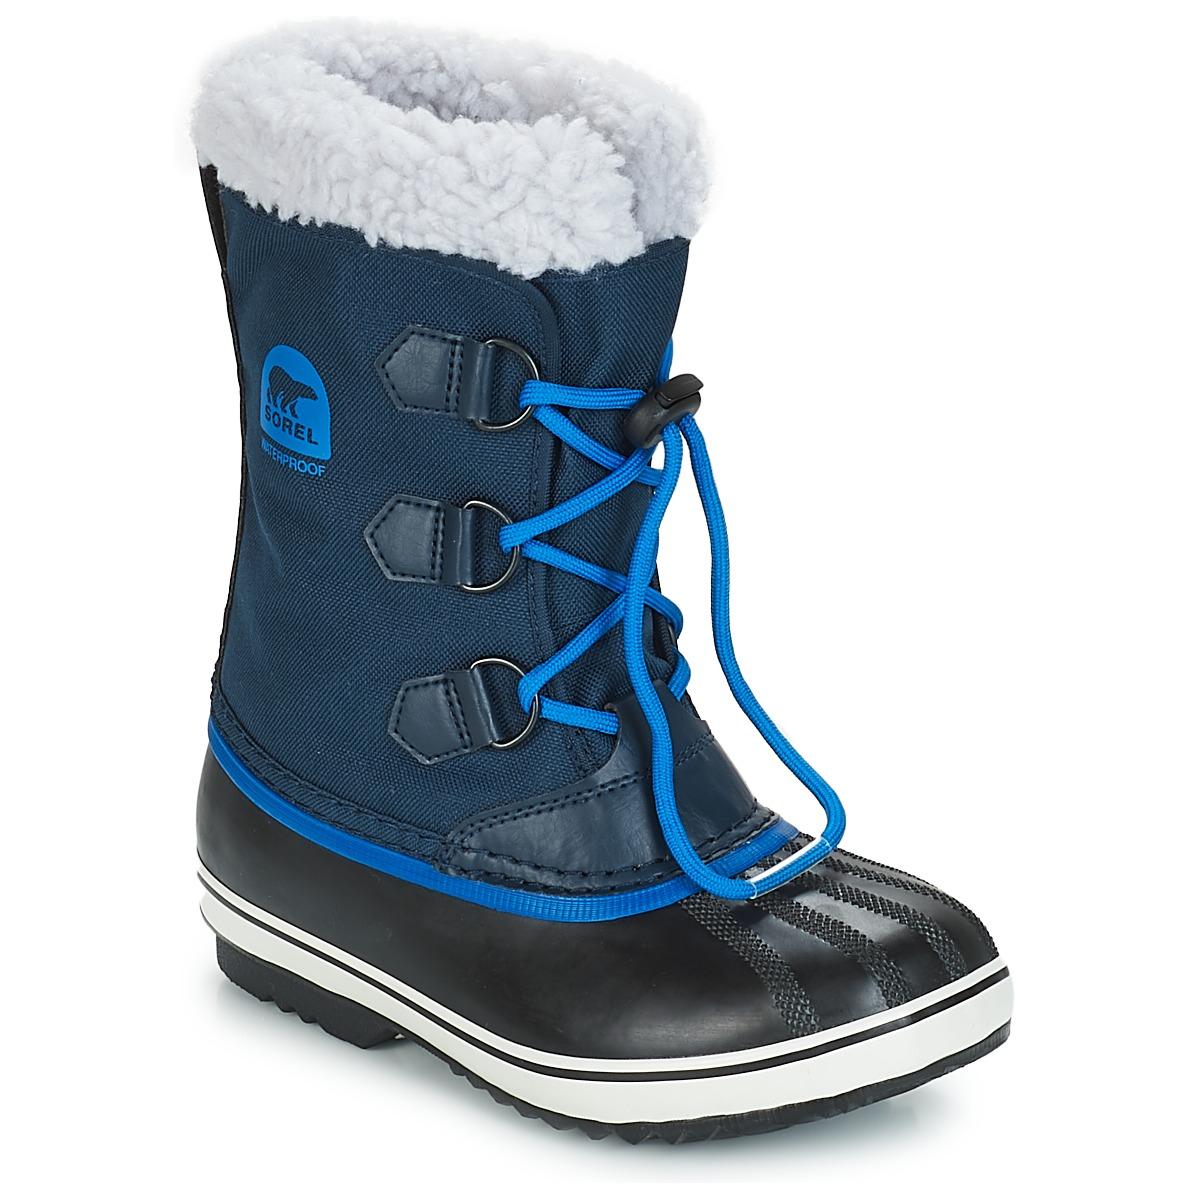 Vinterstøvler til børn Sorel  YOOT PAC NYLON